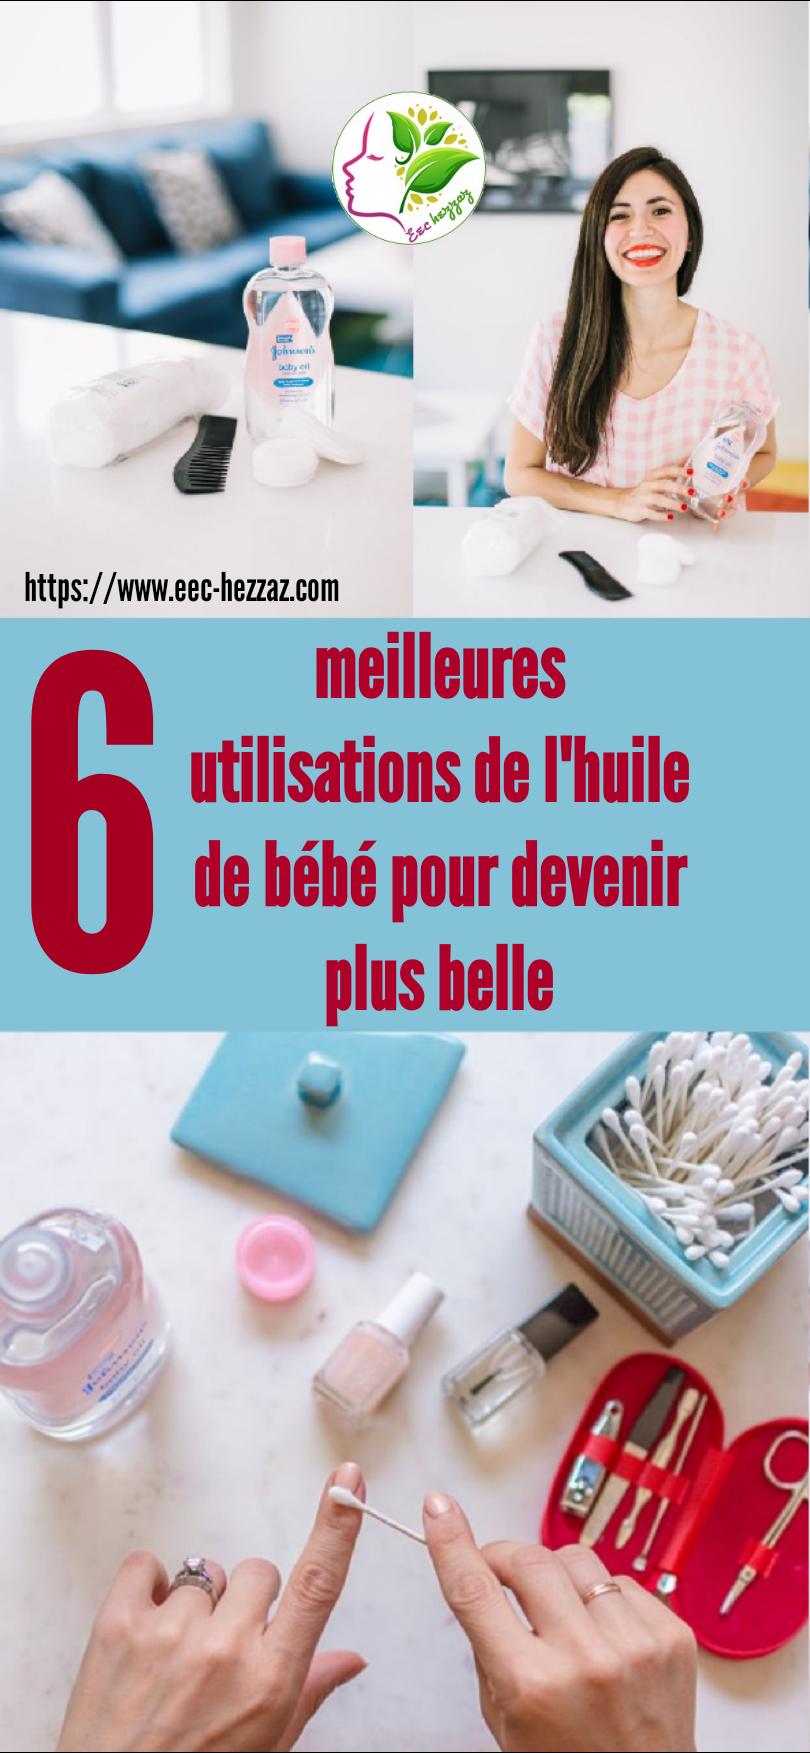 6 meilleures utilisations de l'huile de bébé pour devenir plus belle